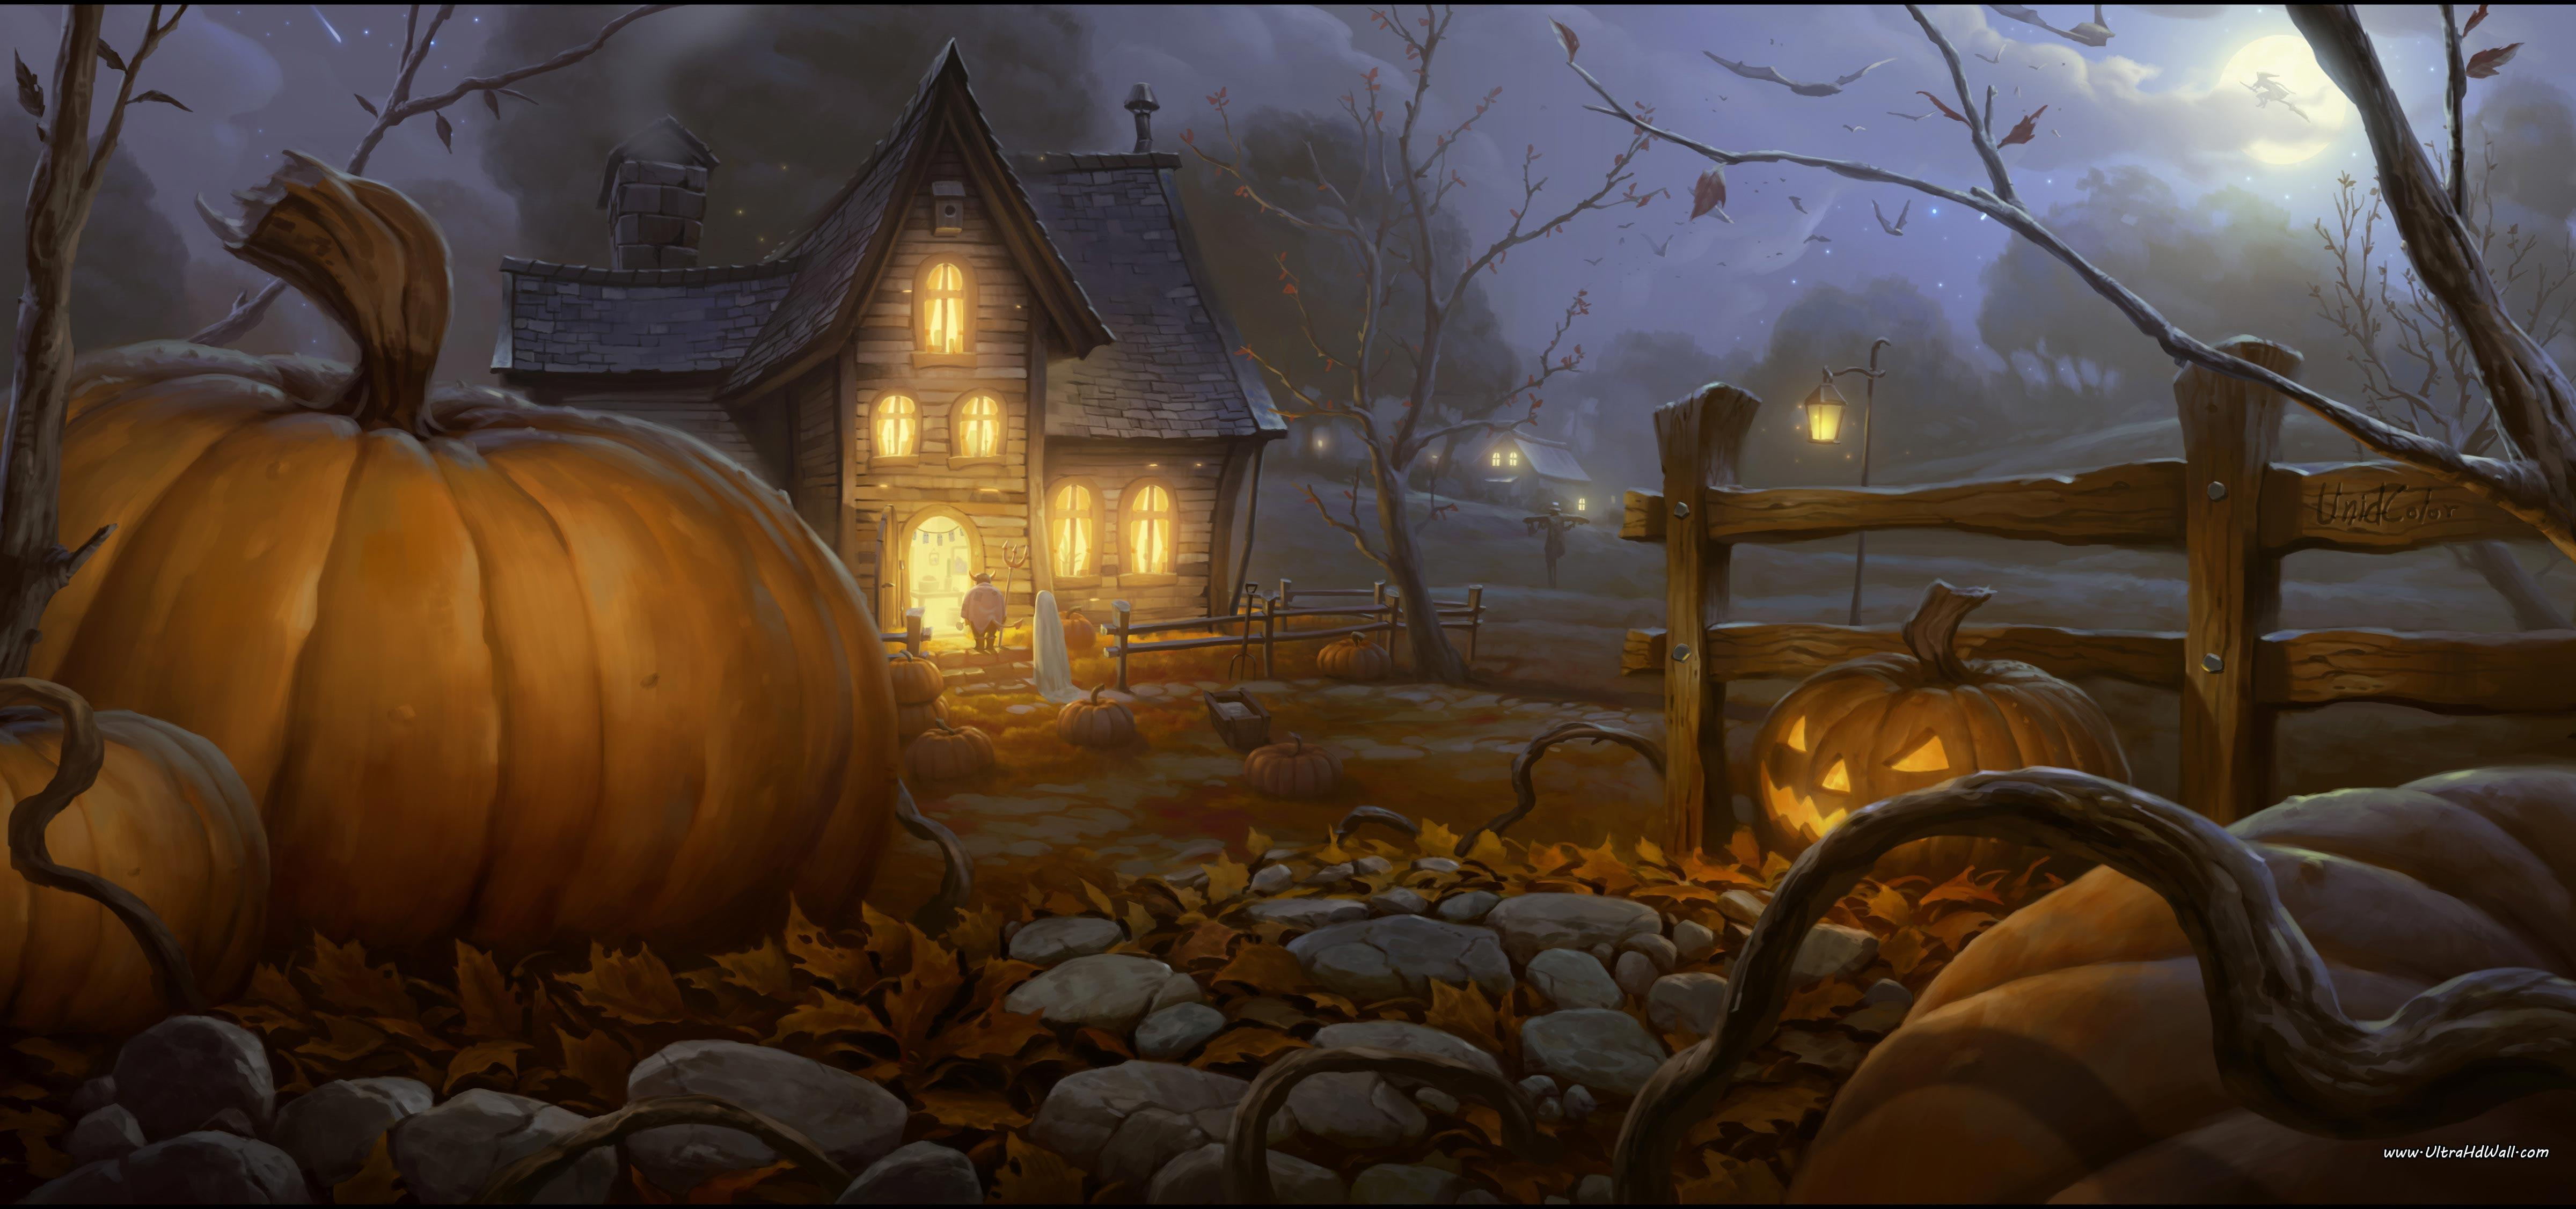 Desktop Backgrounds Halloween